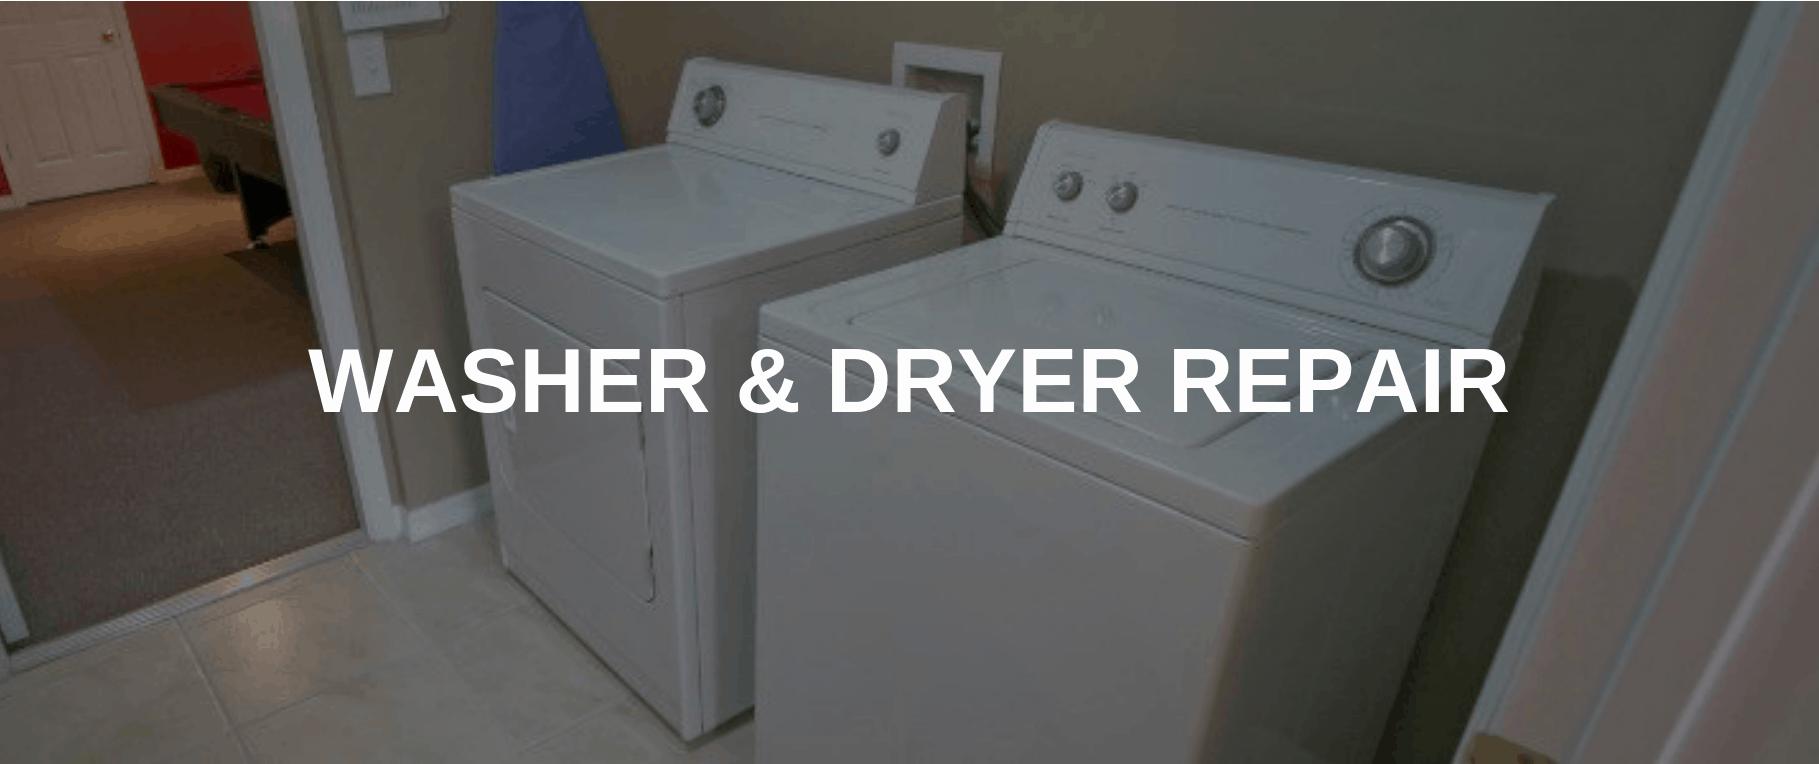 washing machine repair manchester